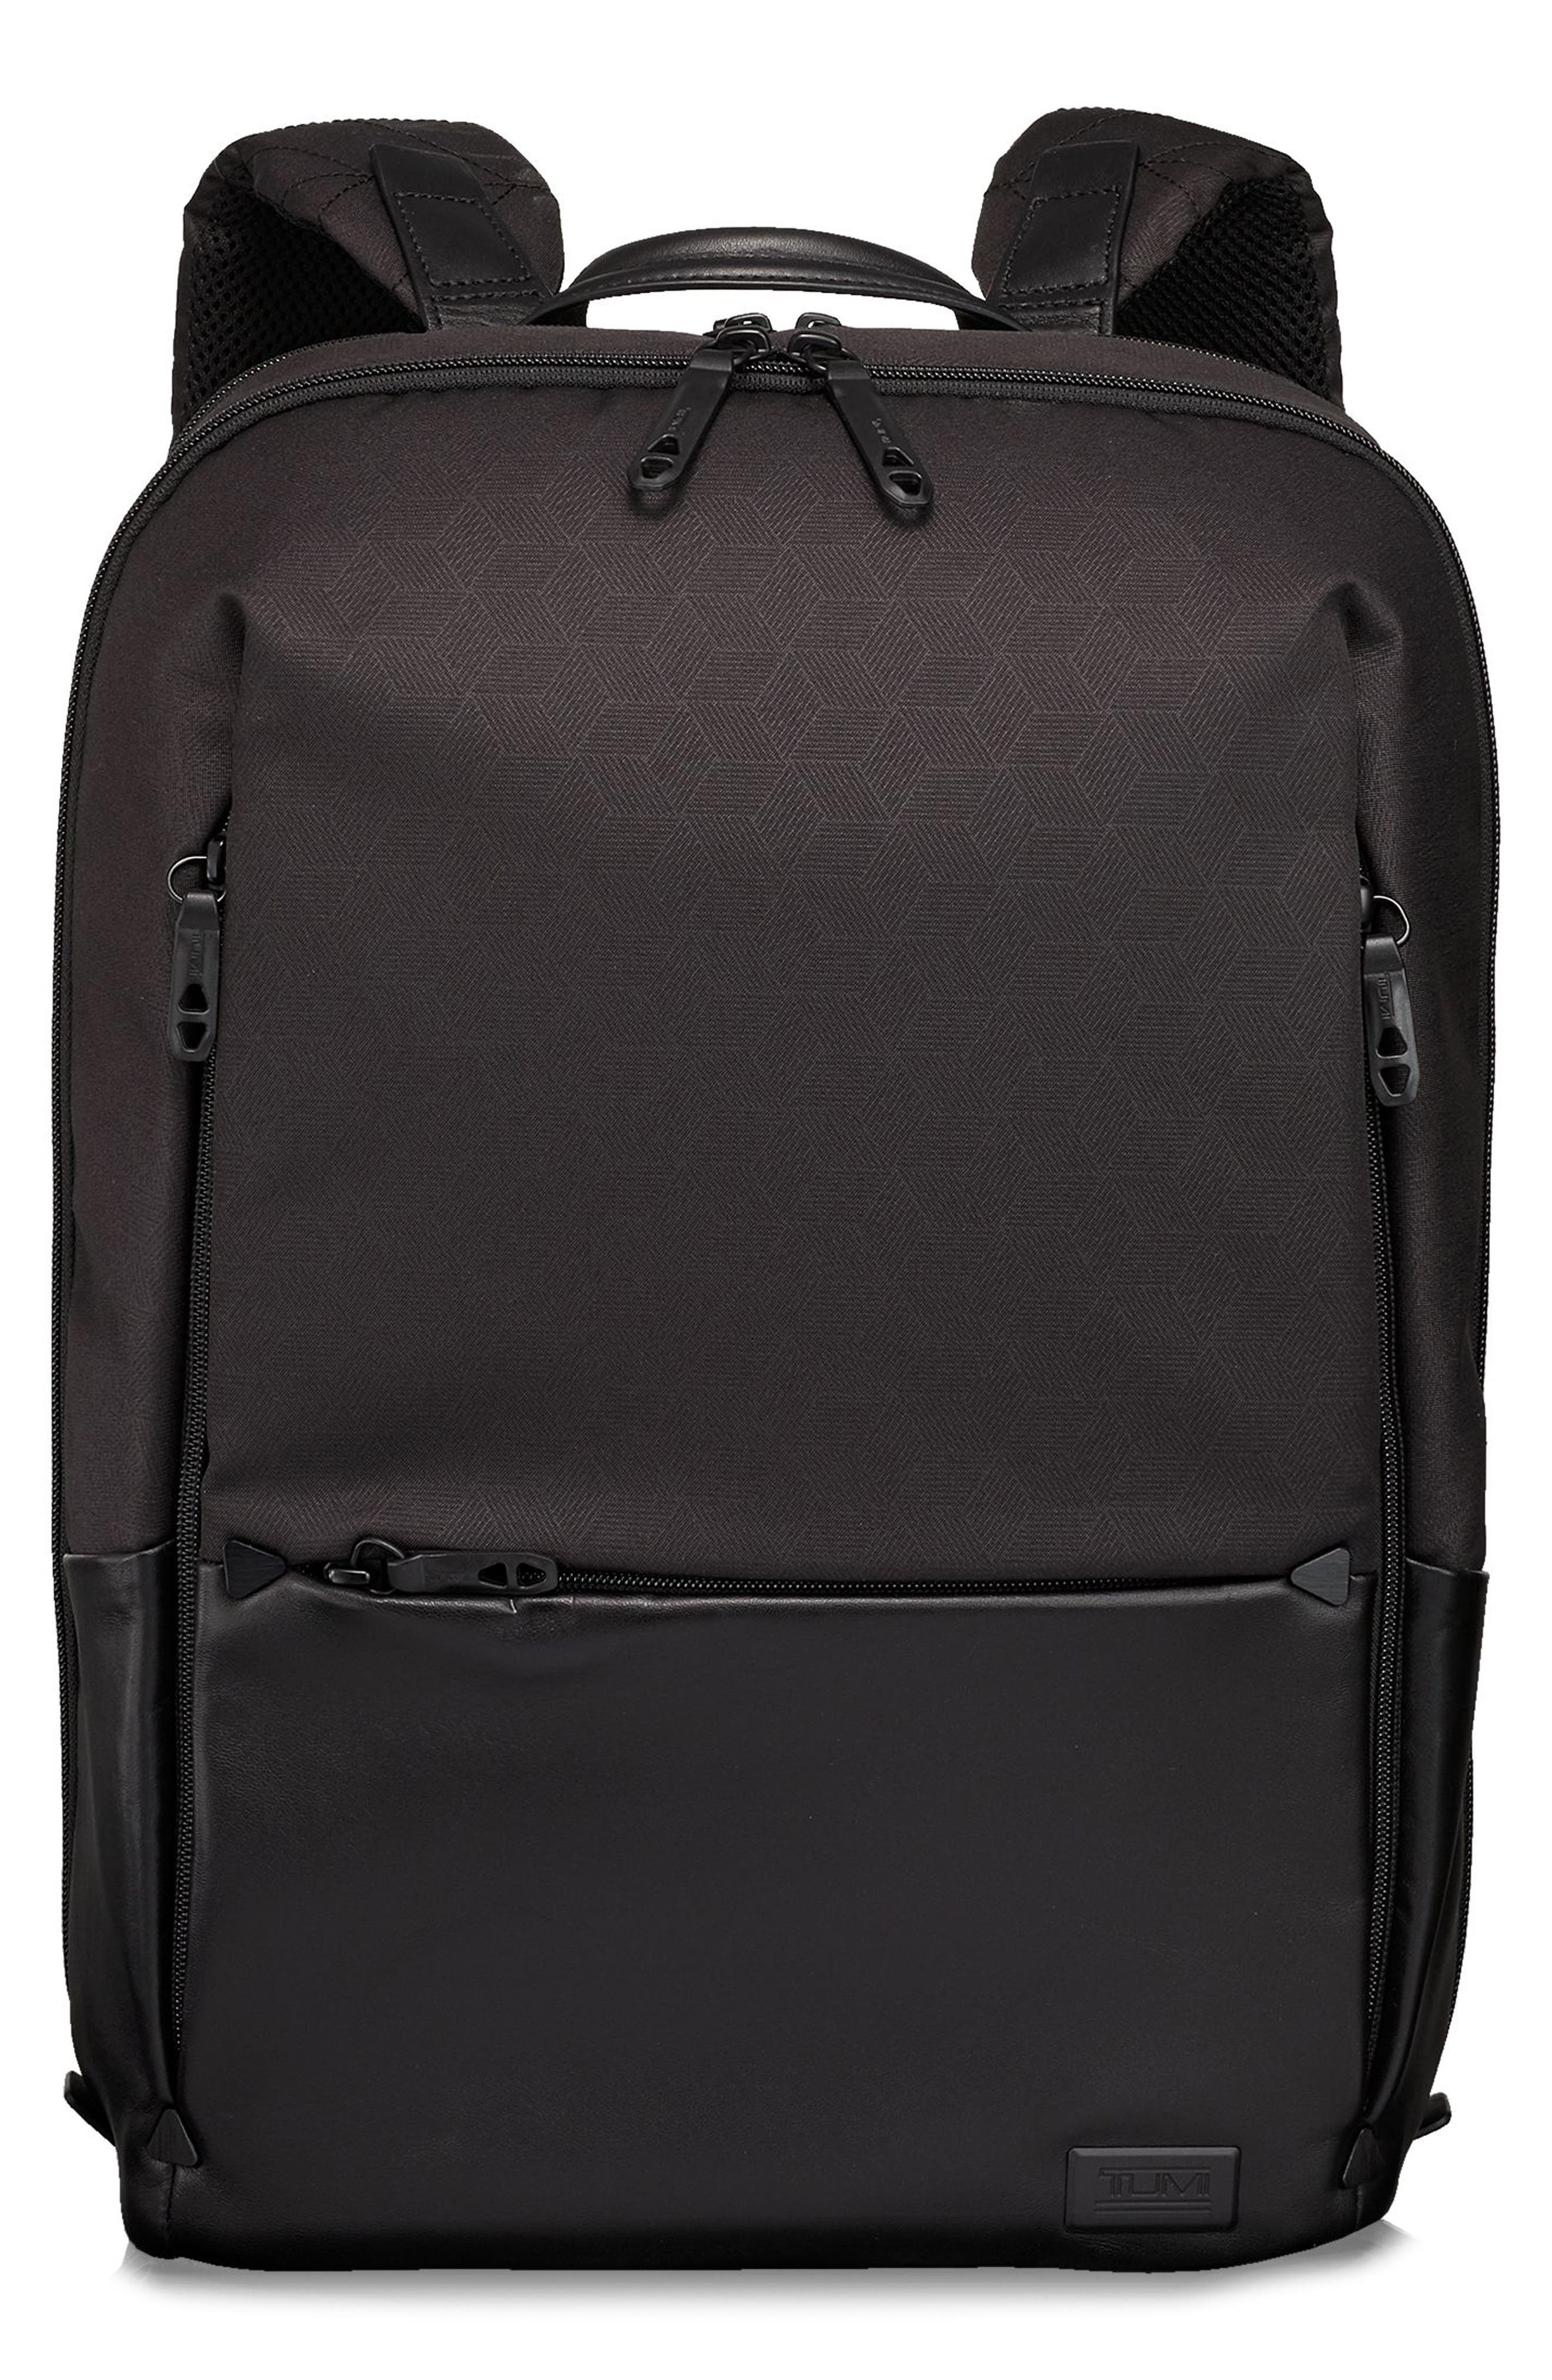 Butler Backpack,                         Main,                         color, Black